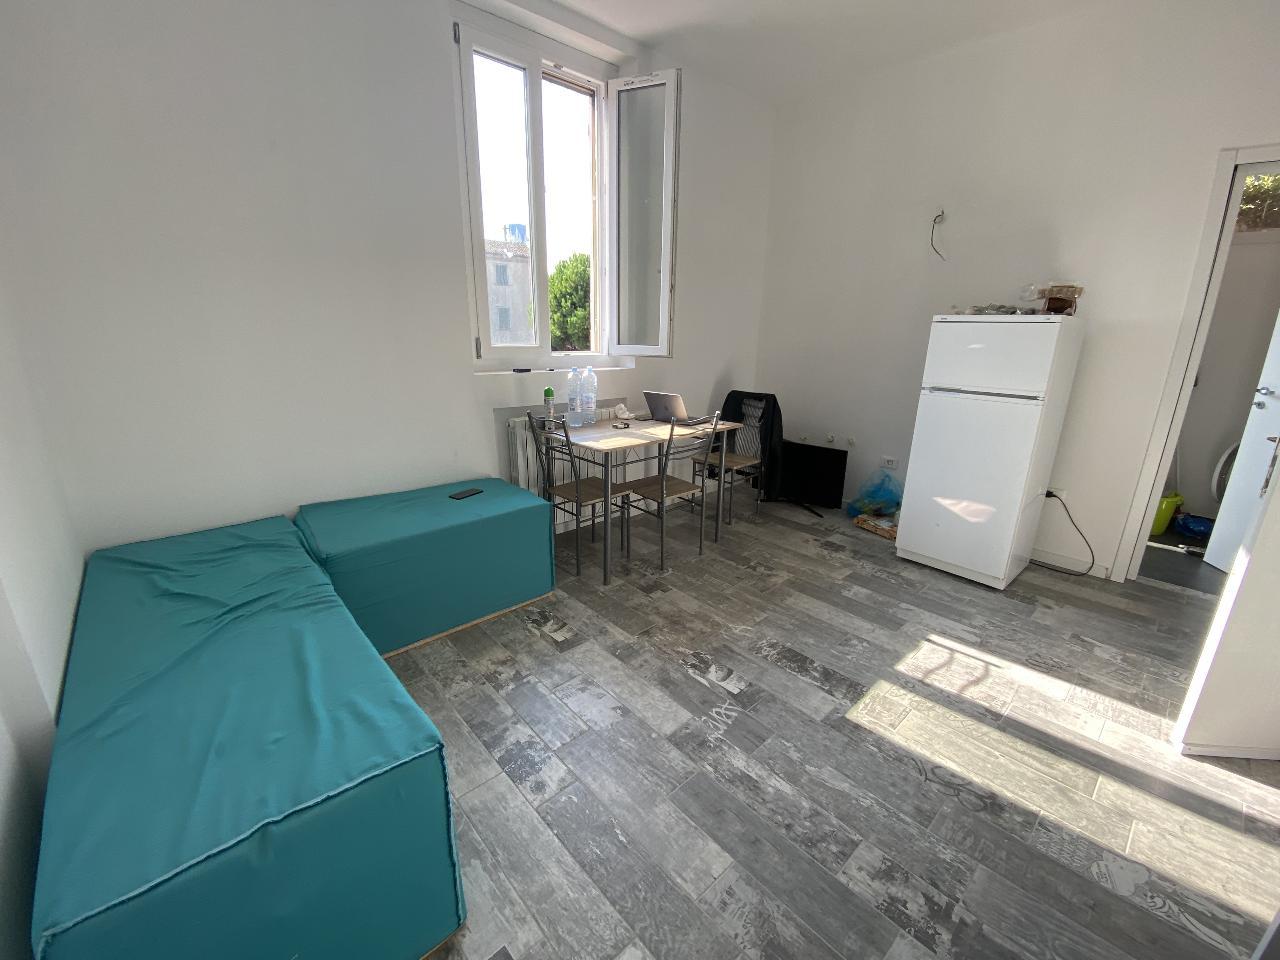 Appartamento CREMONA Euro 57.000,00